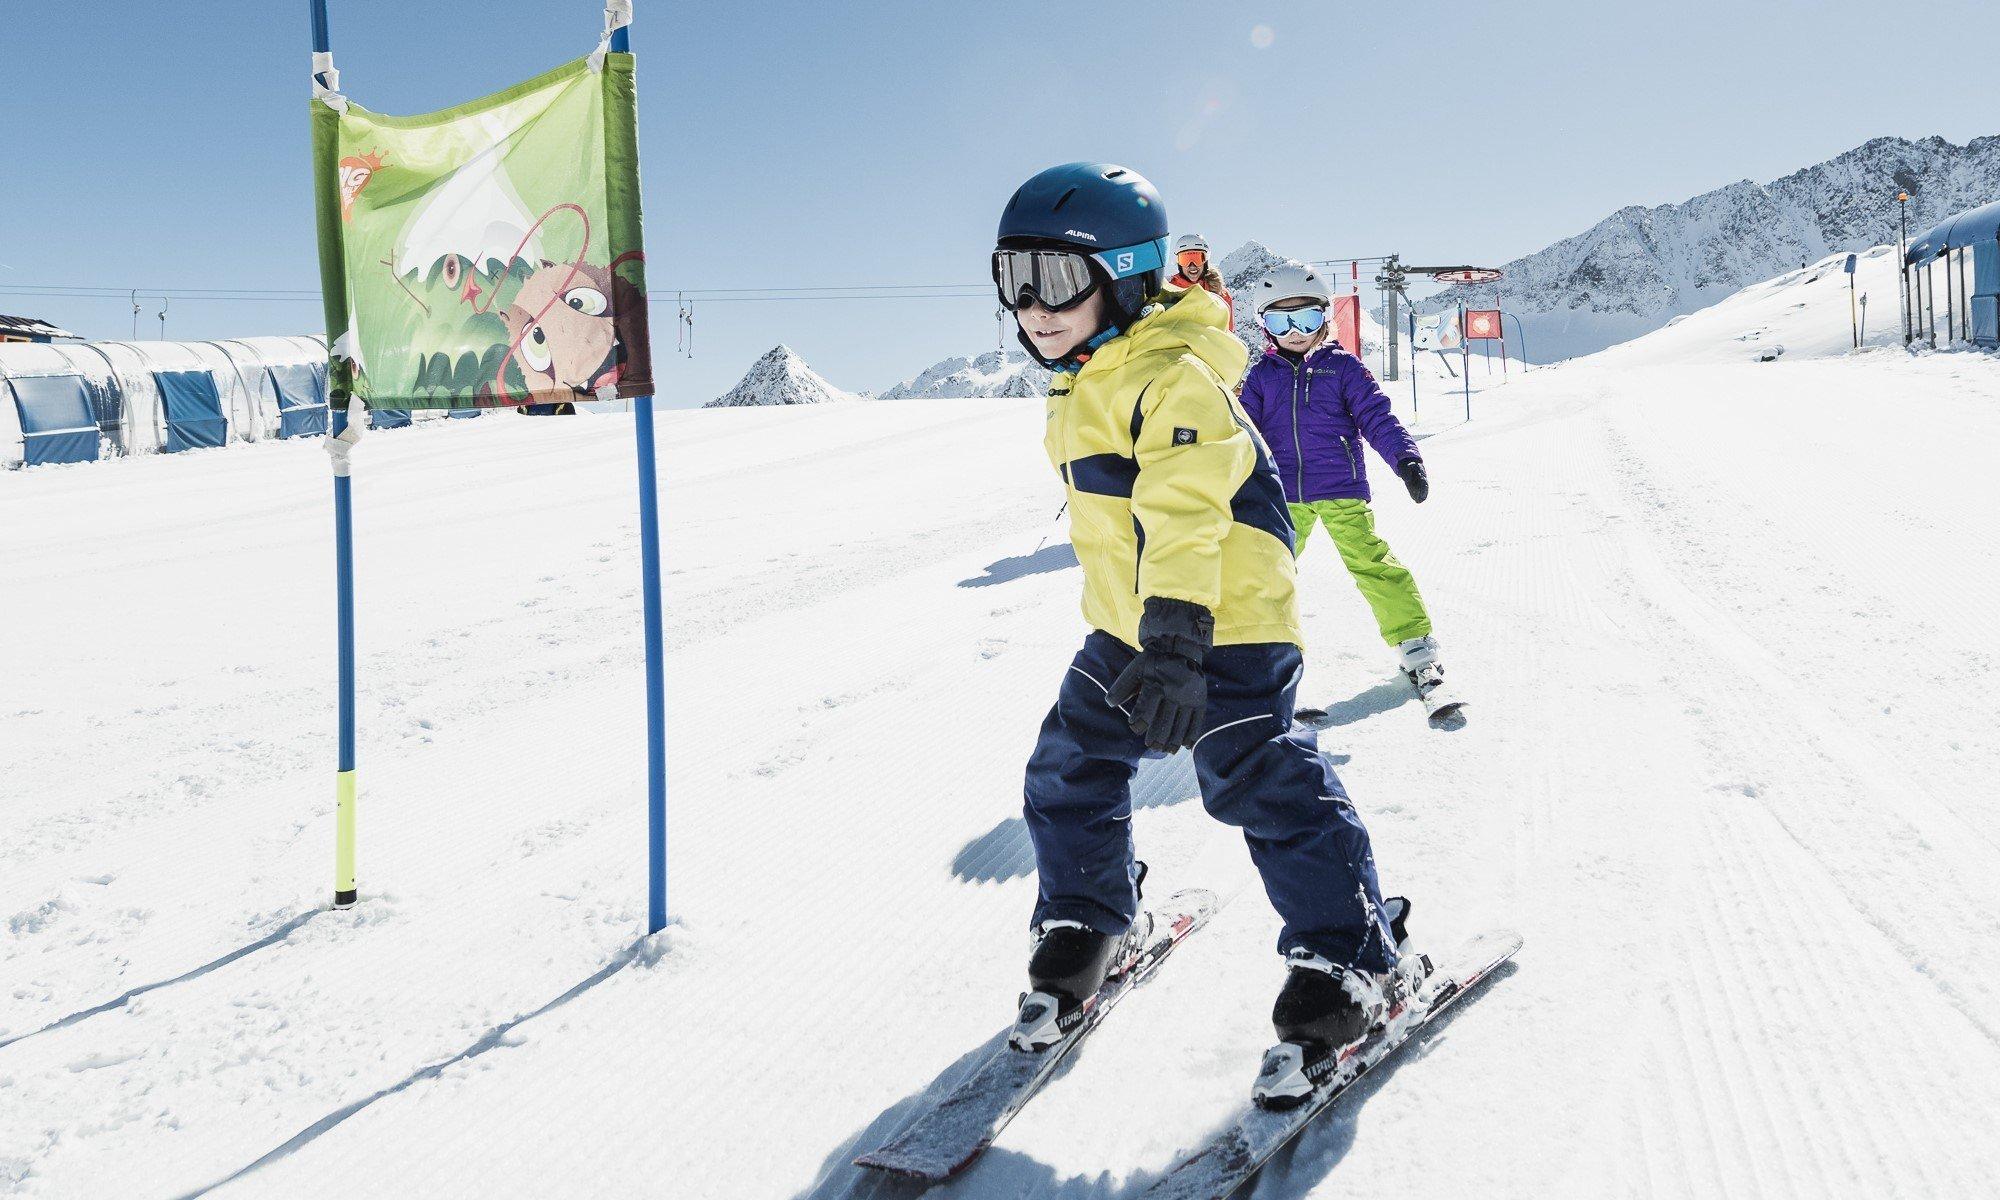 Kinderen leren skiën in het zonnige kindergebied